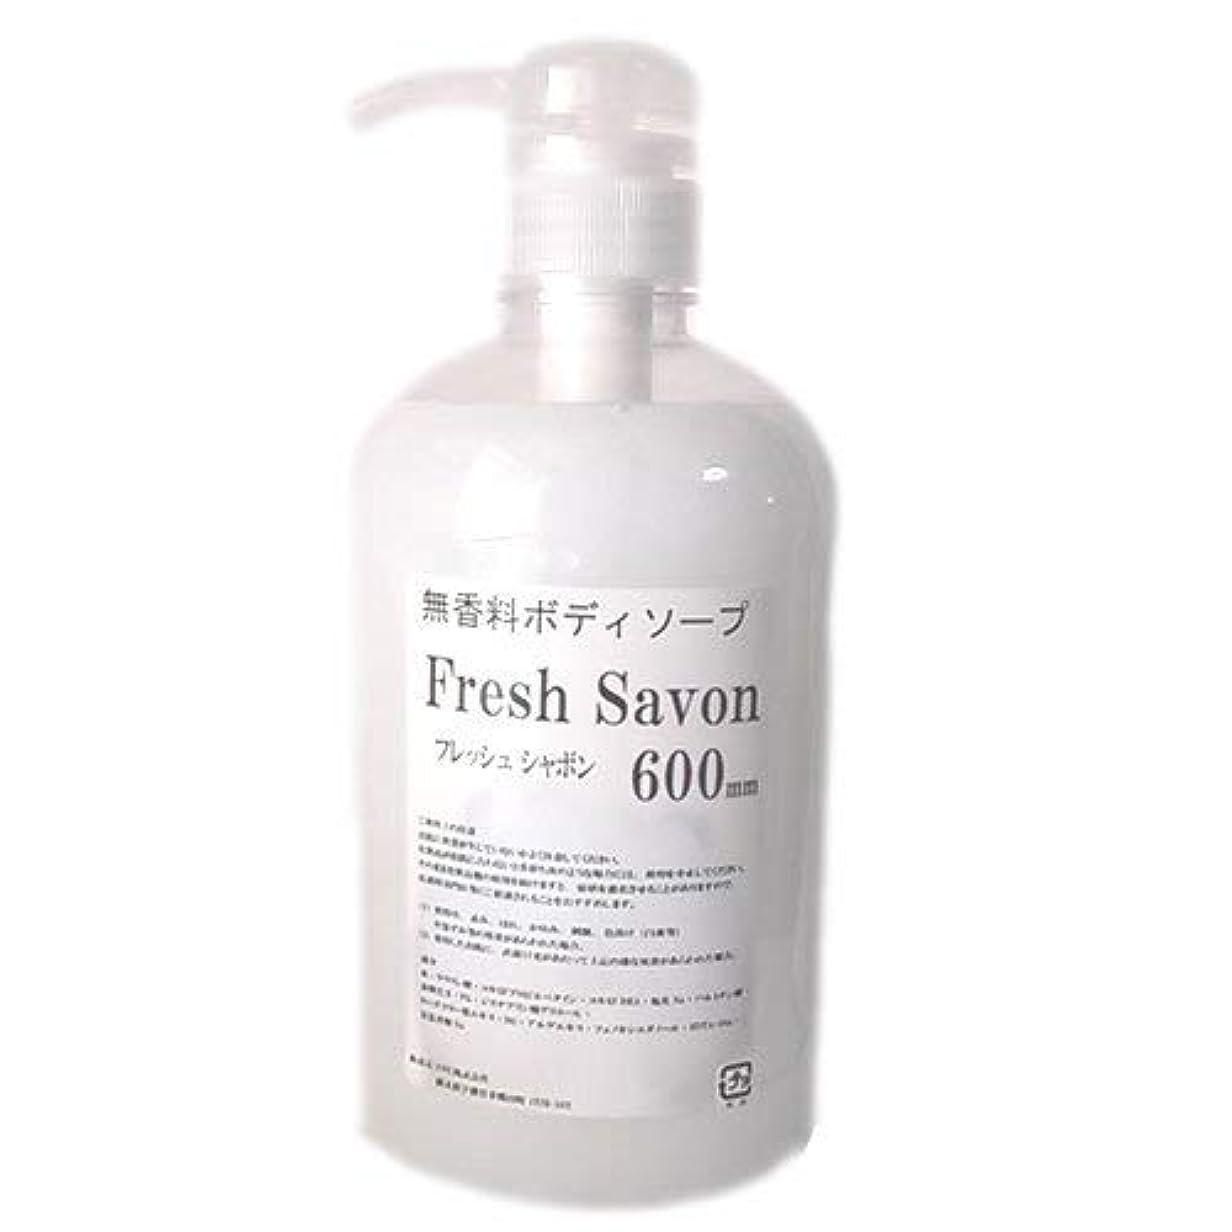 パラメータレンド電気業務用 無香料ボディソープ フレッシュシャボン 香りが残らないタイプ (1本)